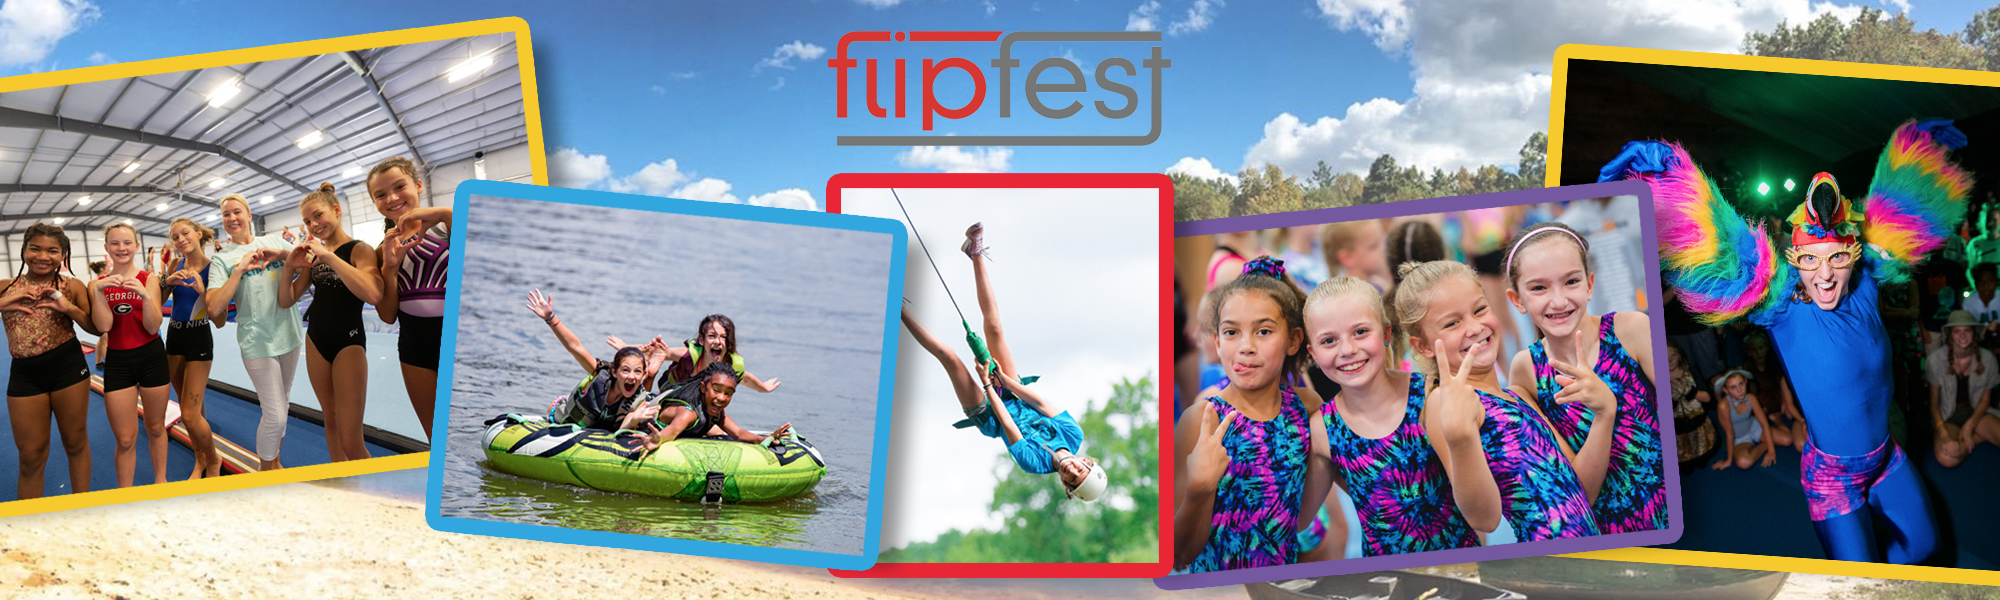 Best Summer Gymnastics Camp - Flip Fest